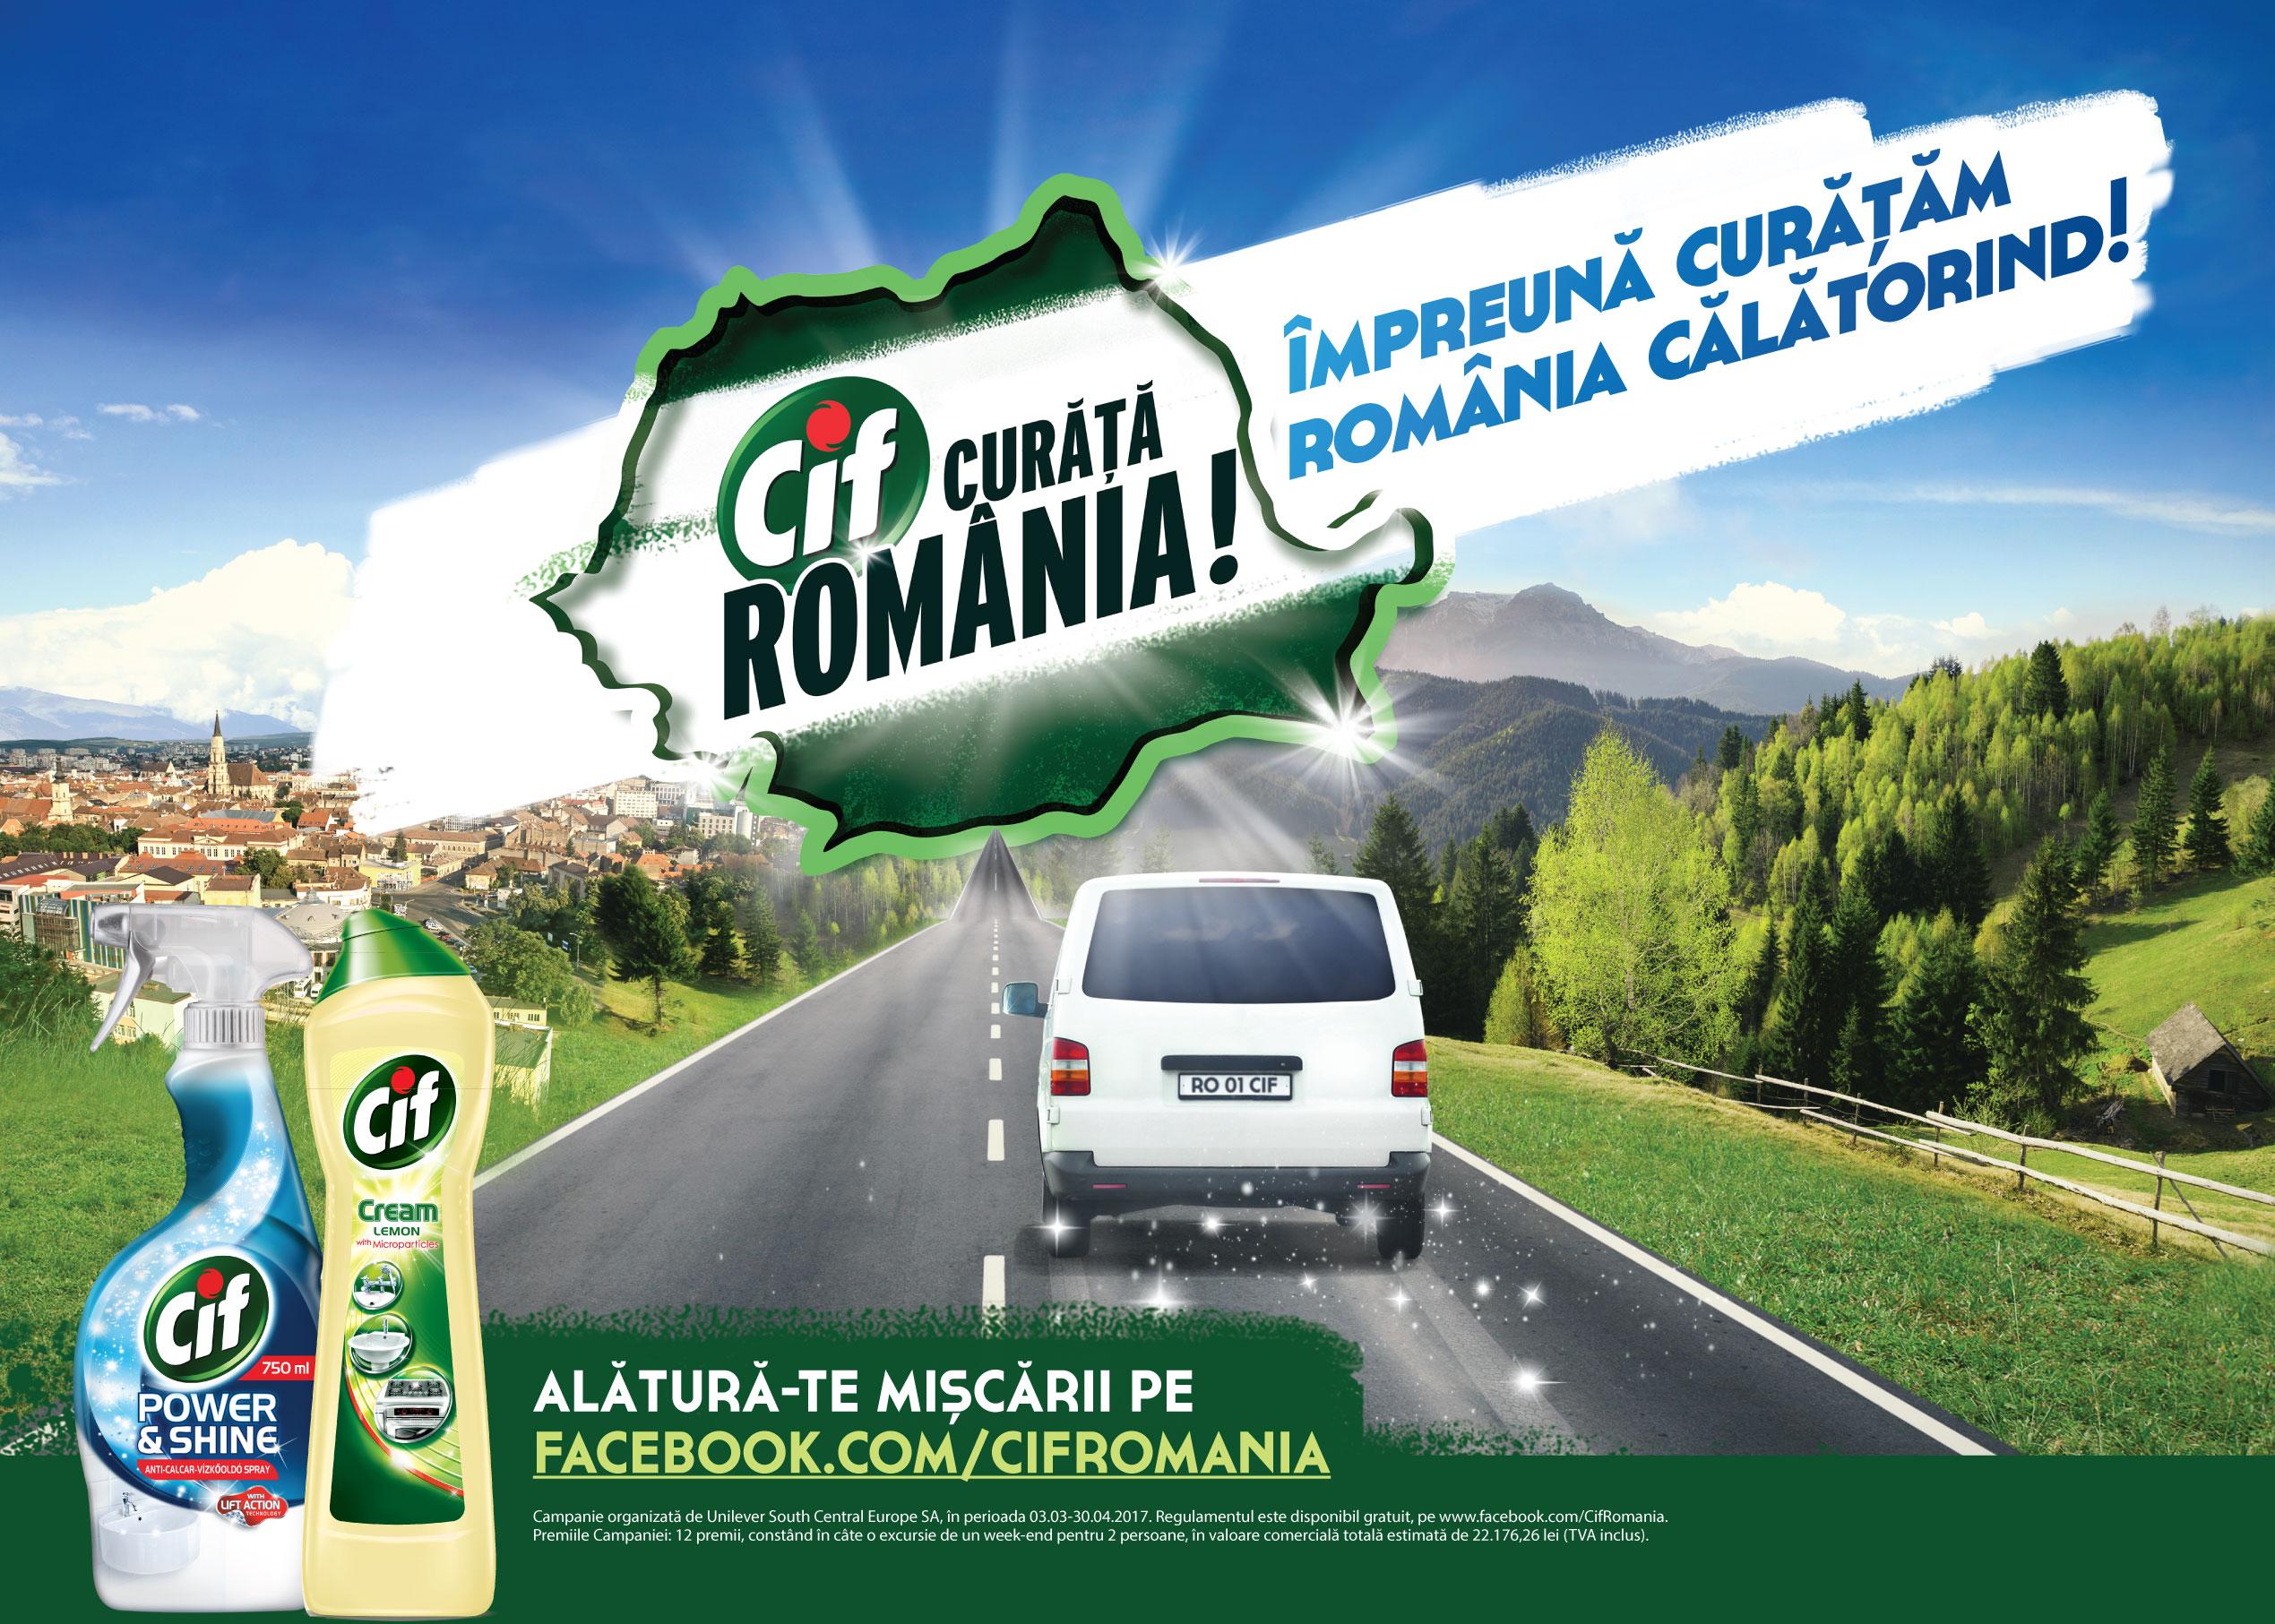 cifcurata_romania